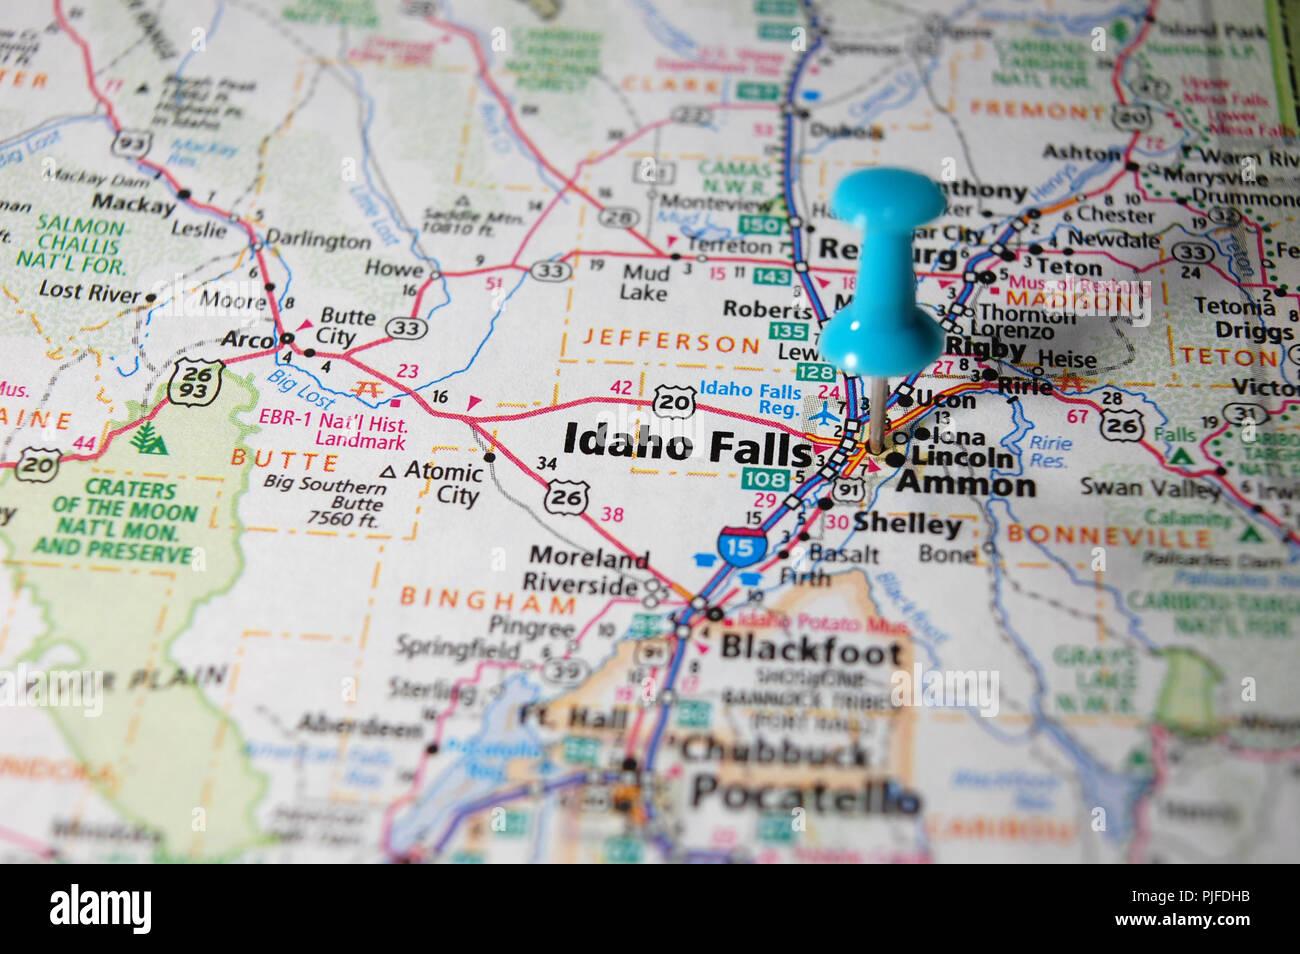 idaho falls city map A Map Of Idaho Falls Idaho Marked With A Push Pin Stock Photo Alamy idaho falls city map